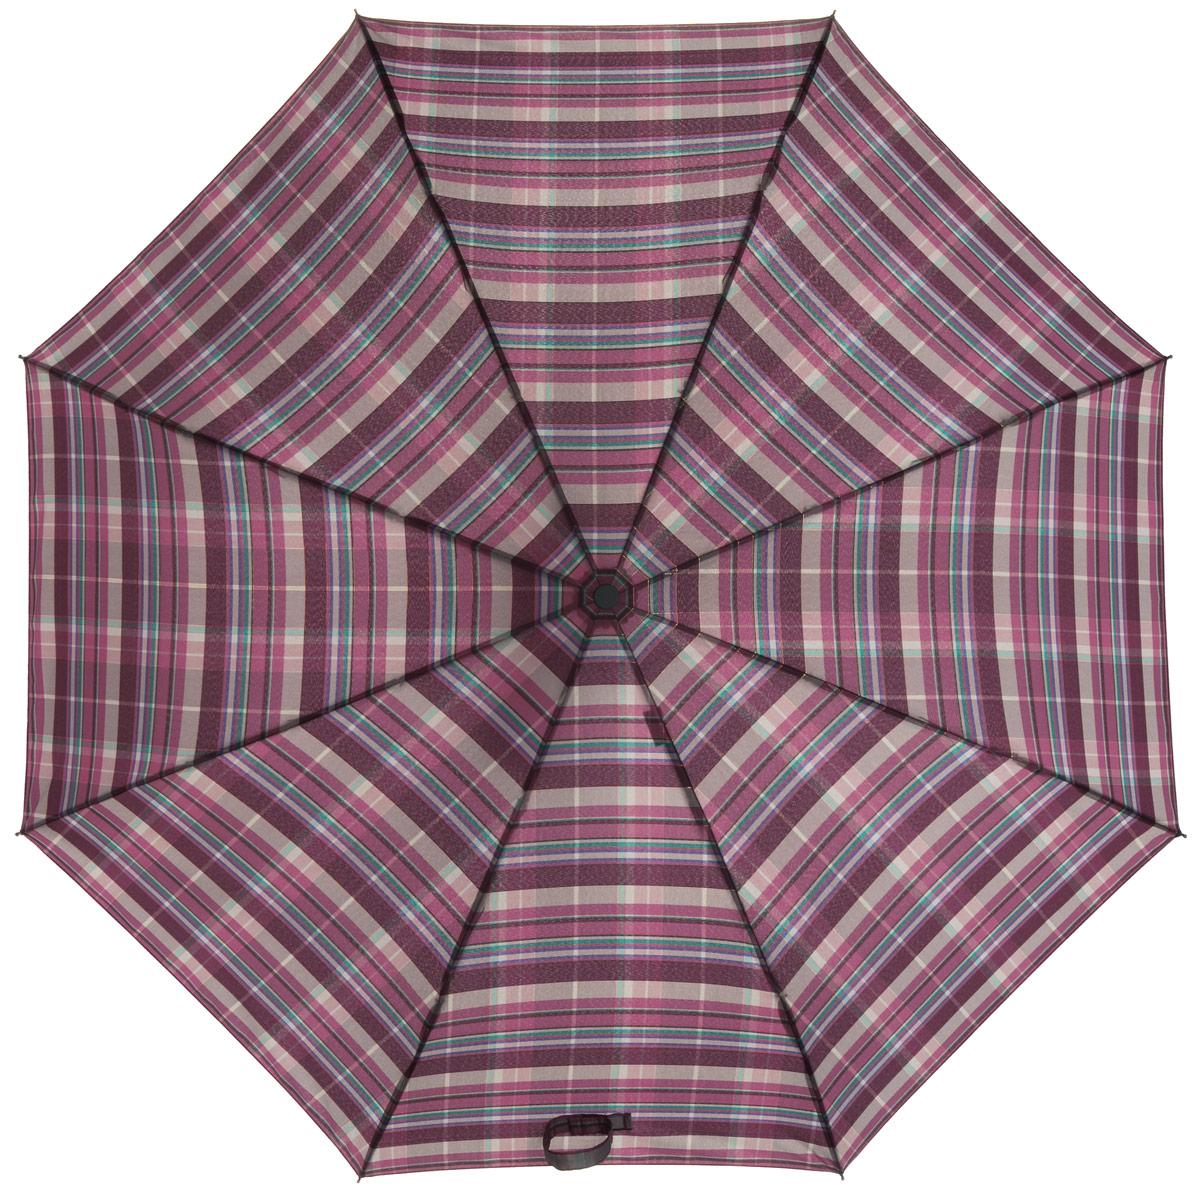 Зонт женский Labbra, автомат, 3 сложения, цвет: розовато-лиловый. A3-05-030A3-05-030Яркий зонт Labbra не оставит вас незамеченной. Зонт оформлен оригинальным клетчатым принтом. Зонт состоит из восьми спиц и стержня, изготовленных из стали и фибергласса. Зонт дополнен удобной ручкой из пластика. Купол выполнен из качественного полиэстера и эпонжа, которые не пропускают воду. Зонт имеет автоматический механизм сложения: купол открывается и закрывается нажатием кнопки на ручке, стержень складывается вручную до характерного щелчка, благодаря чему открыть и закрыть зонт можно одной рукой. Ручка дополнена петлей, благодаря которой зонт можно носить на запястье . К зонту прилагается чехол. Удобный и практичный аксессуар даже в ненастную погоду позволит вам оставаться стильной и элегантной.